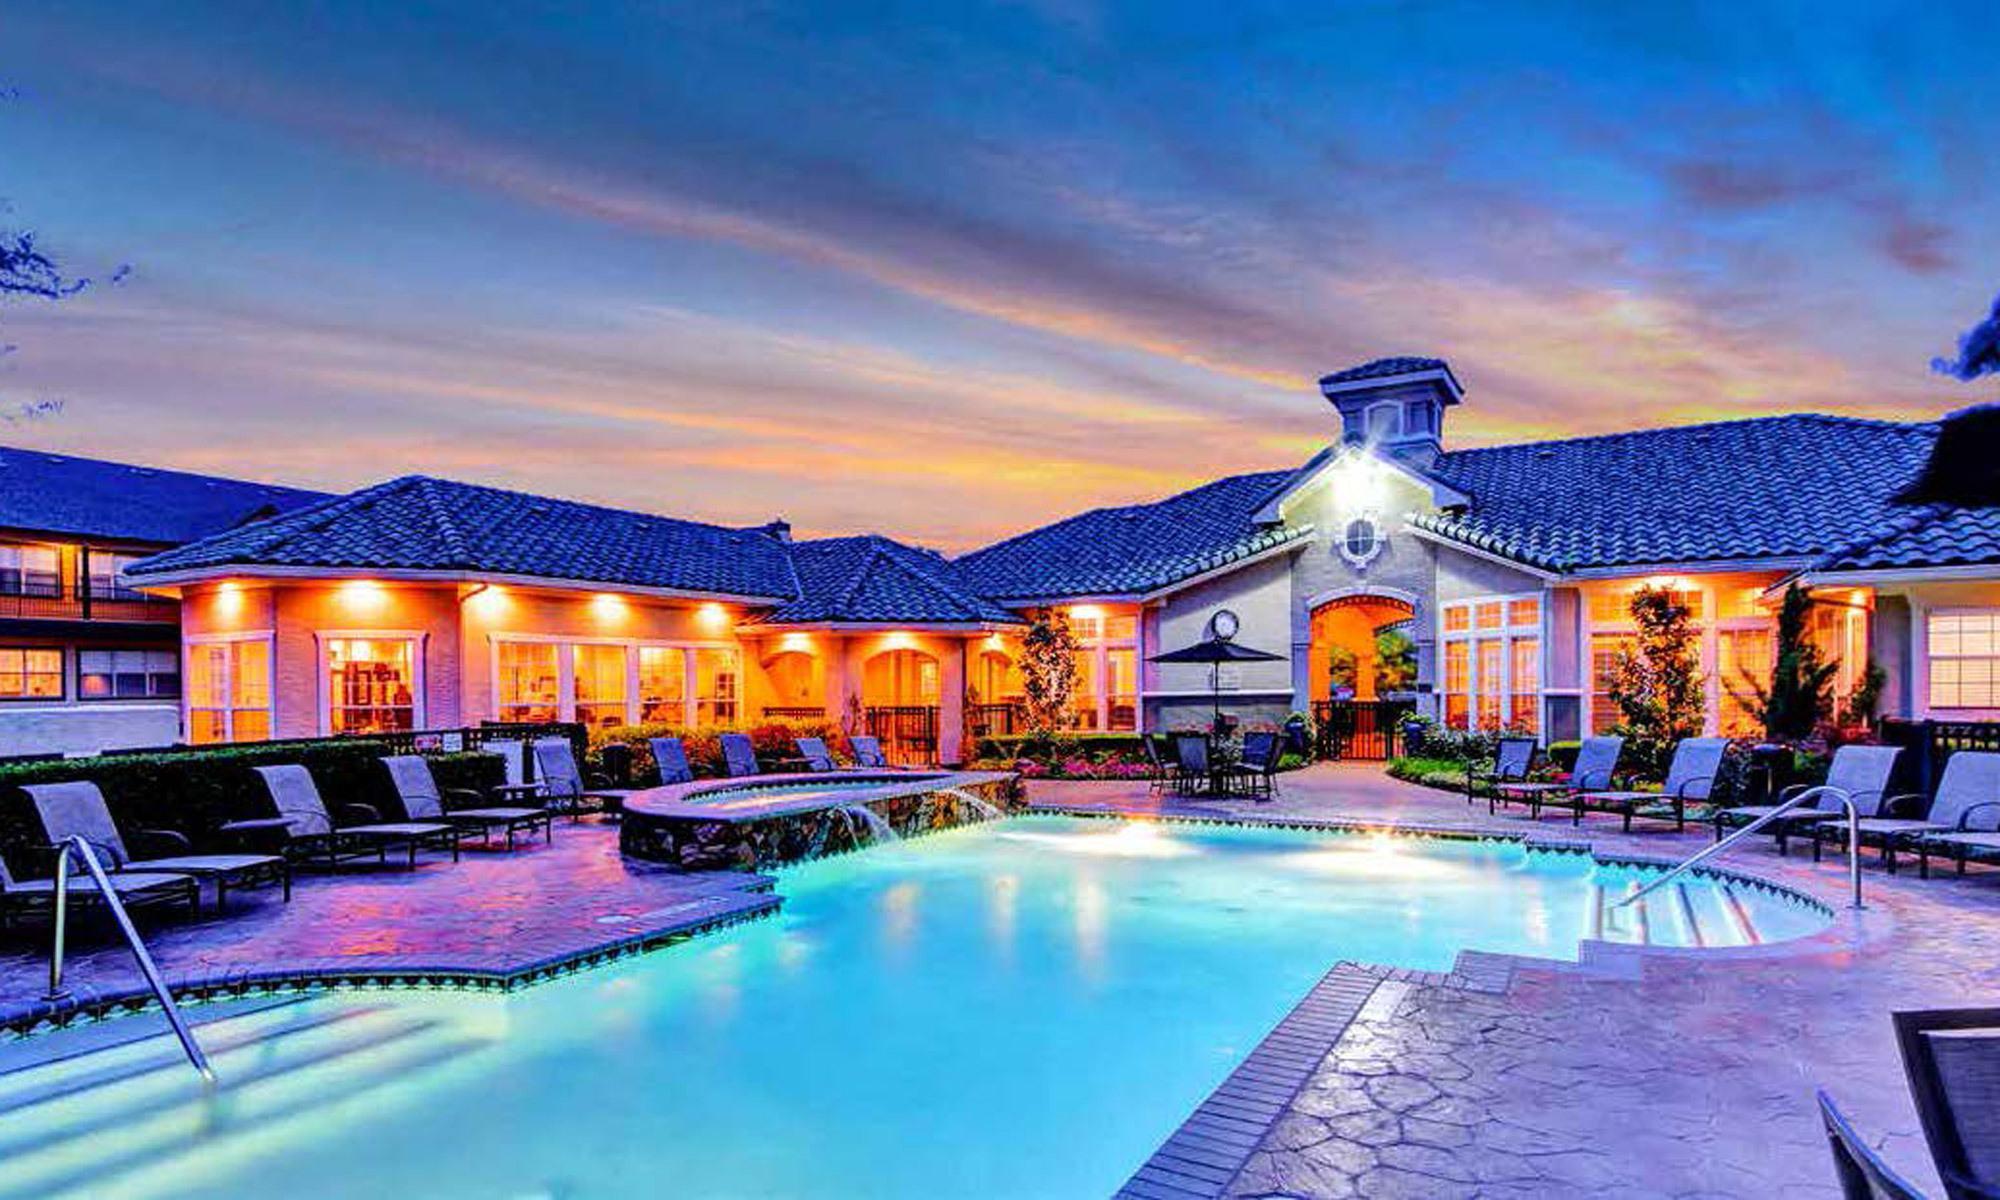 Apartments in Haltom City, TX.